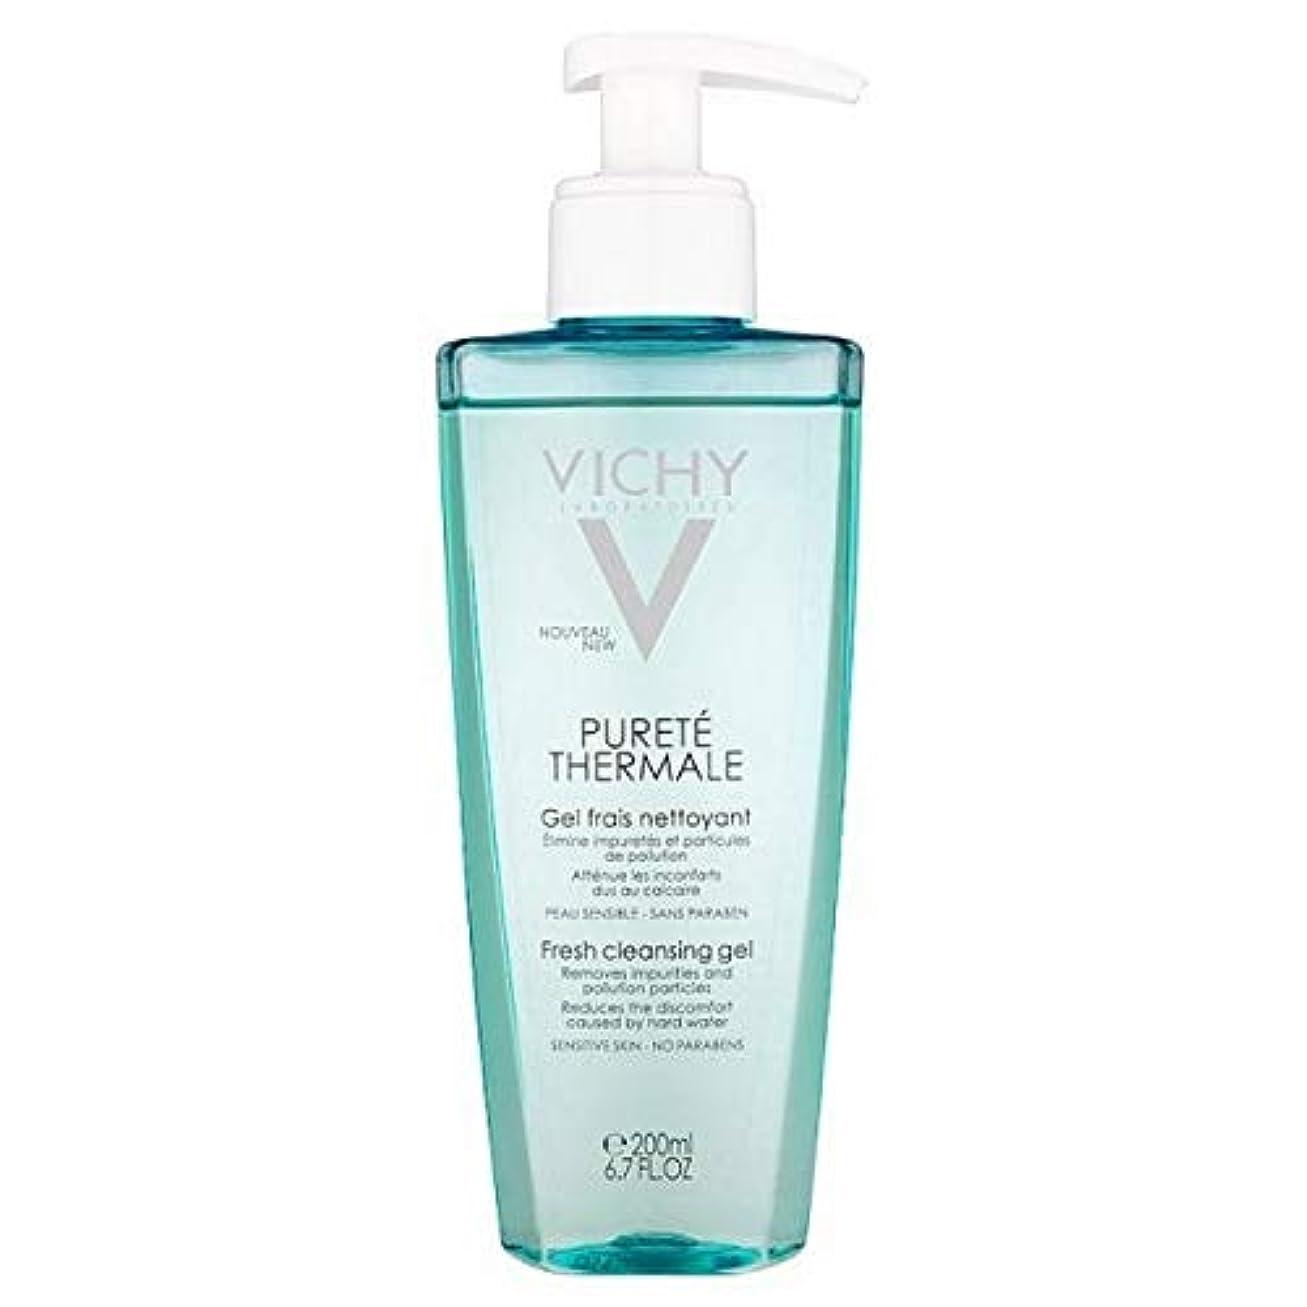 差別相談する拮抗する[Vichy ] ヴィシーPureteのThermaleクレンジングジェル200Ml - Vichy Purete Thermale Cleansing Gel 200ml [並行輸入品]